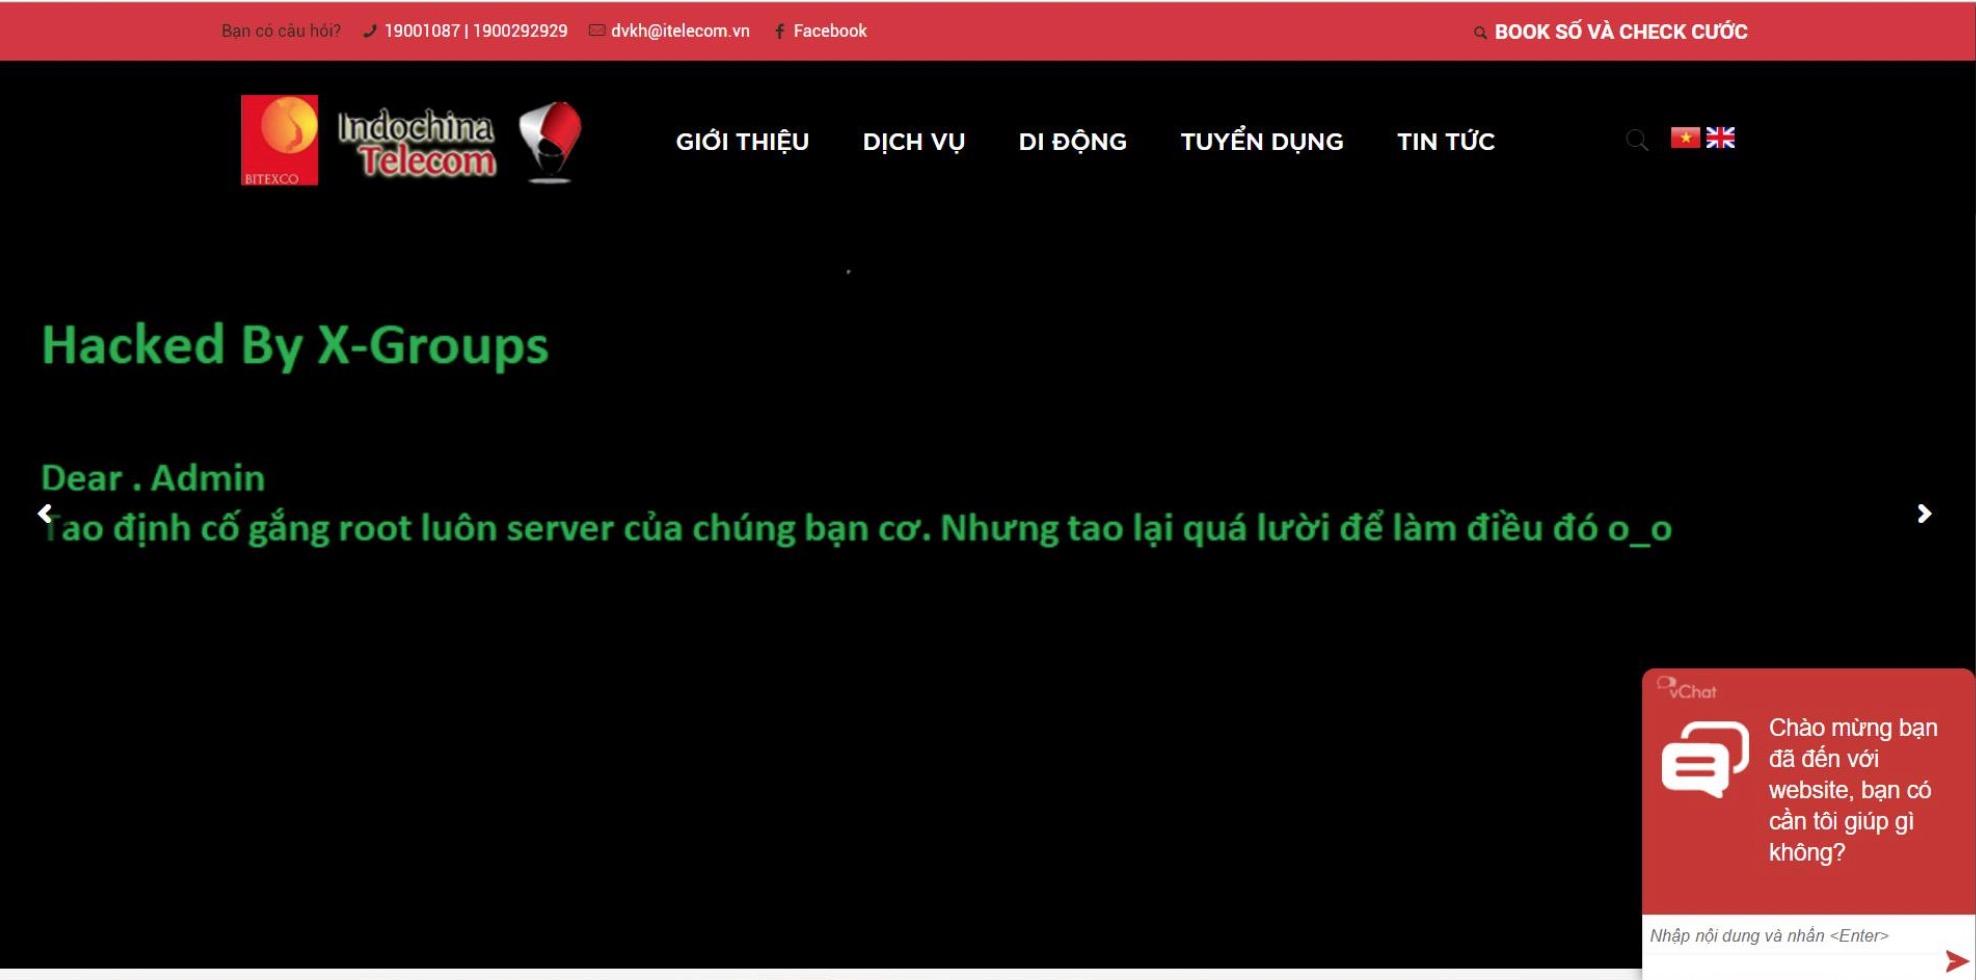 Vừa mới ra mắt sáng nay tại Việt Nam website nhà mạng ITelecom đã bị hacker tấn công